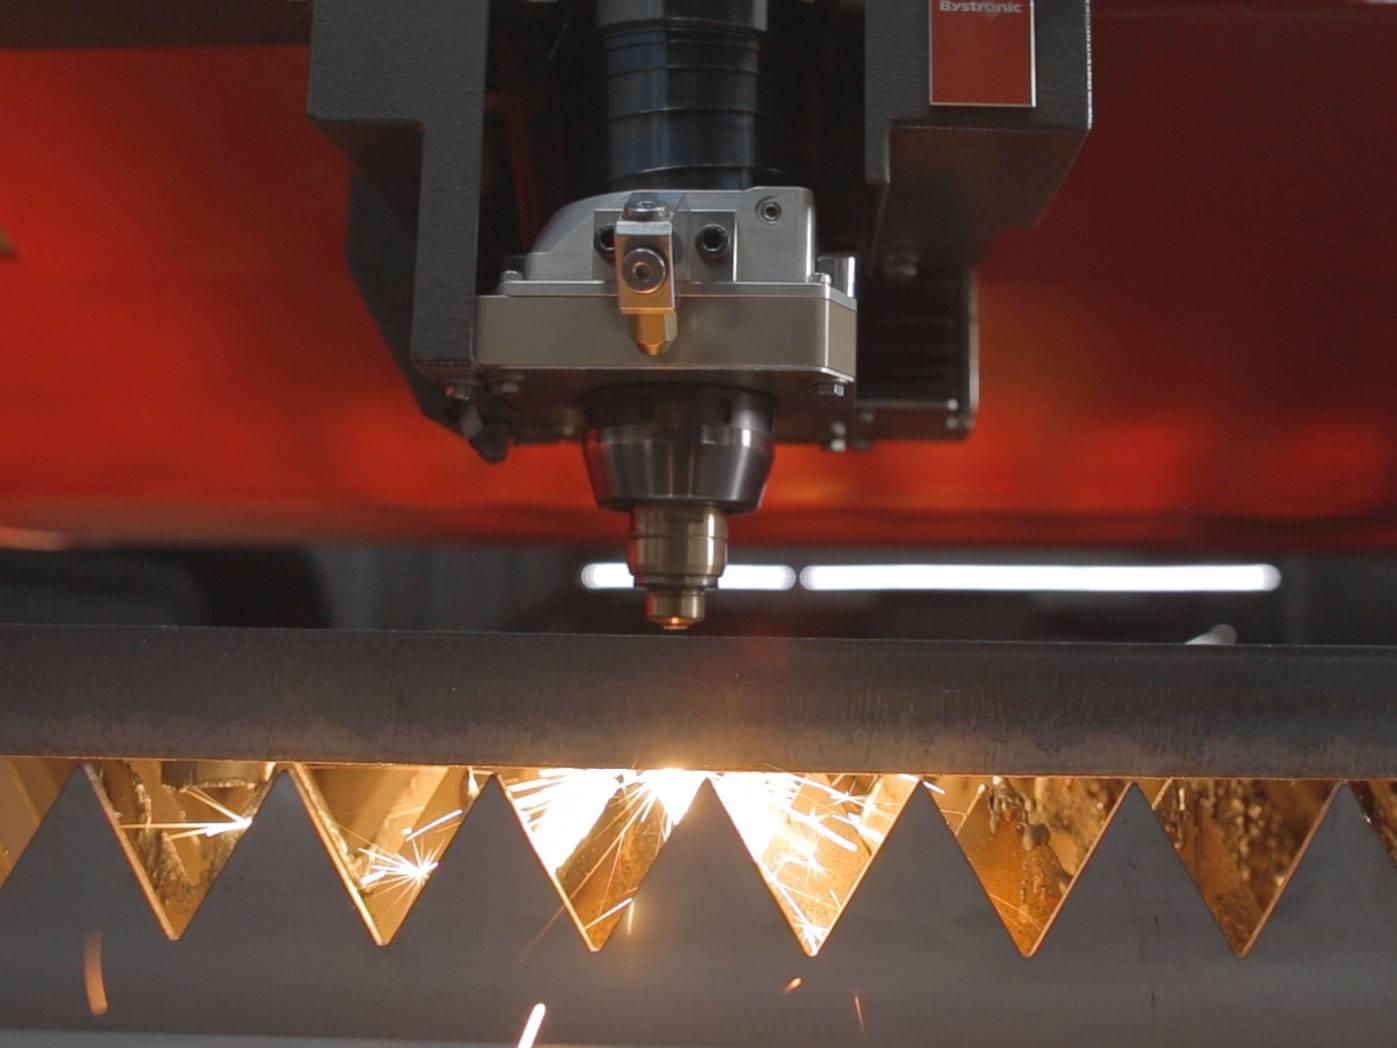 Bystronic Fiber Laser